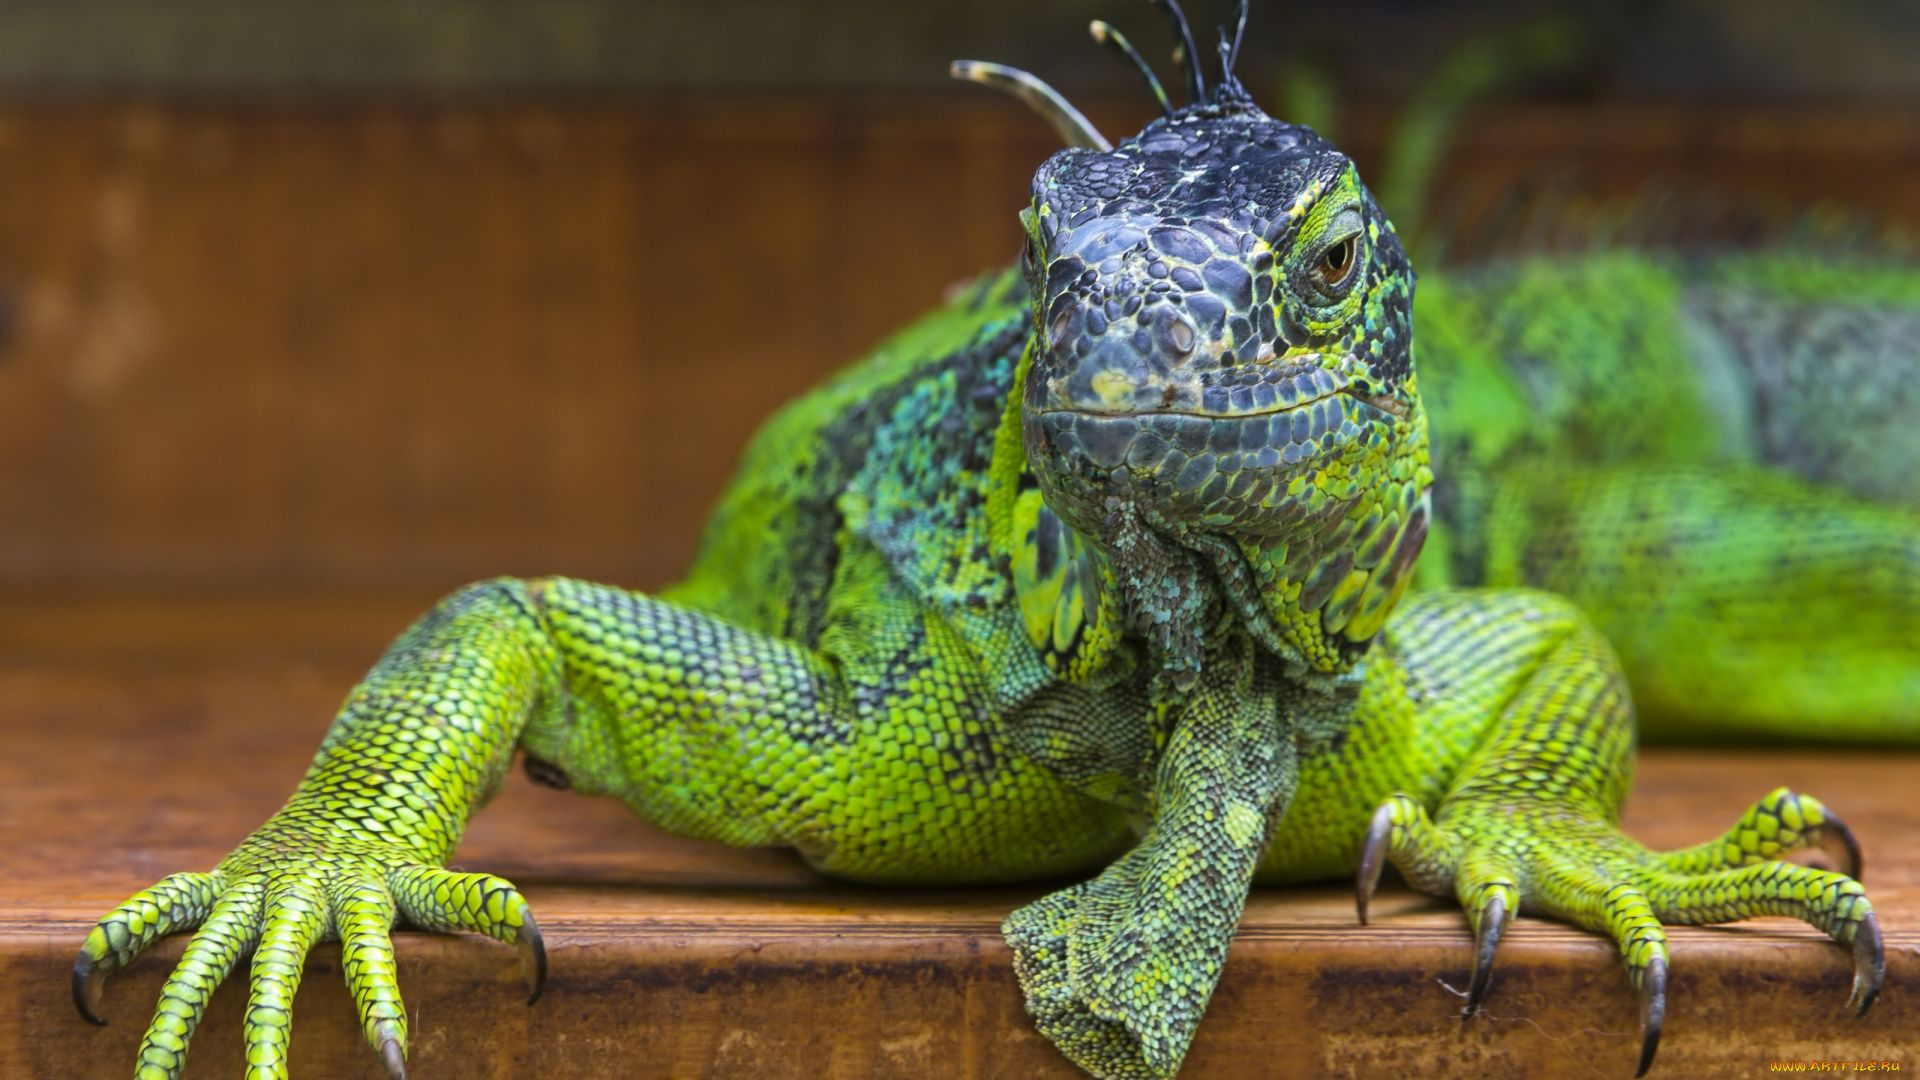 Lizard Iguana